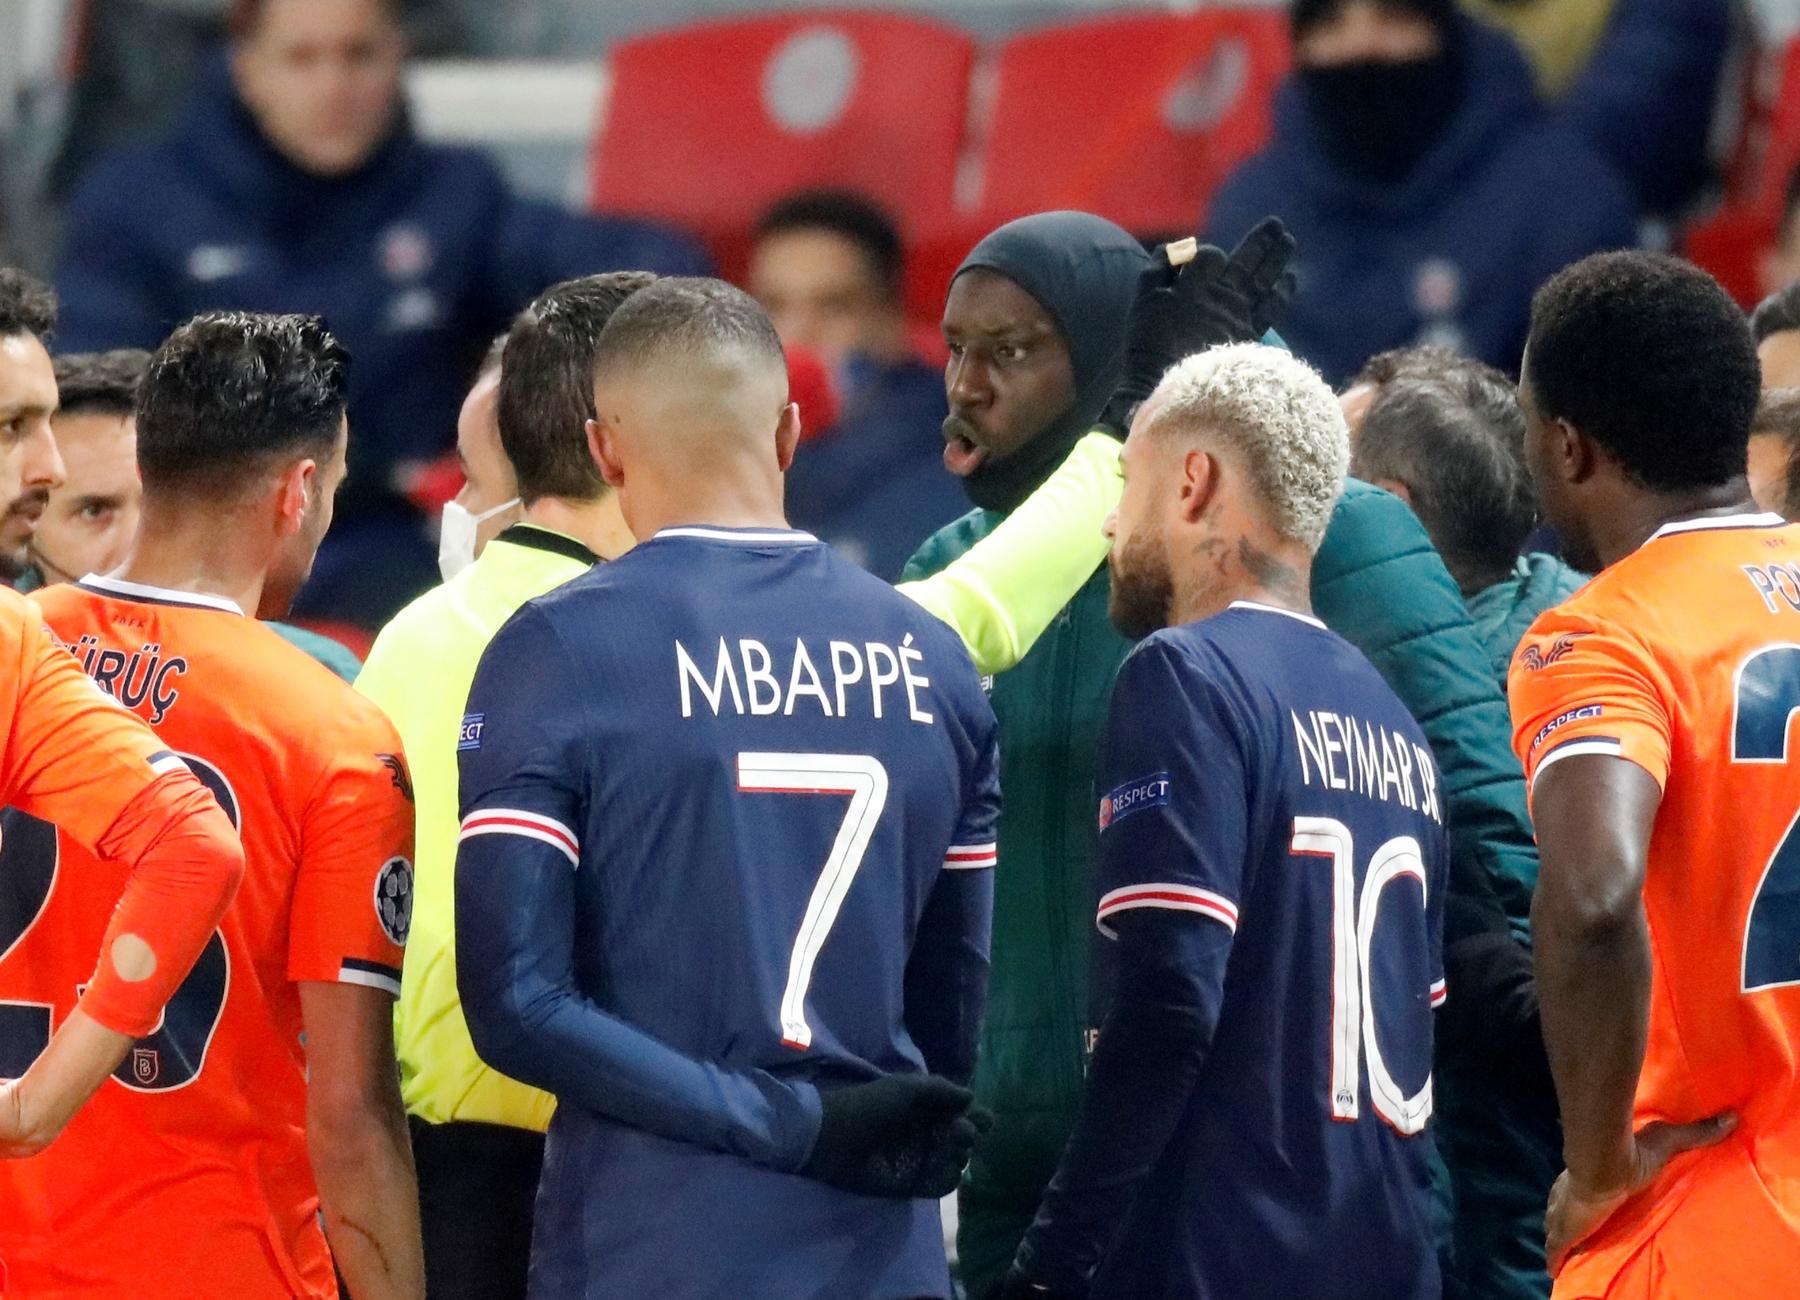 """Champions League: """"Κύριε Γουεμπό είμαστε μαζί σου"""" έγραψε ο Εμπαπέ – Σχόλιο κι από τον Τζιμπρίλ Σισέ (pics)"""